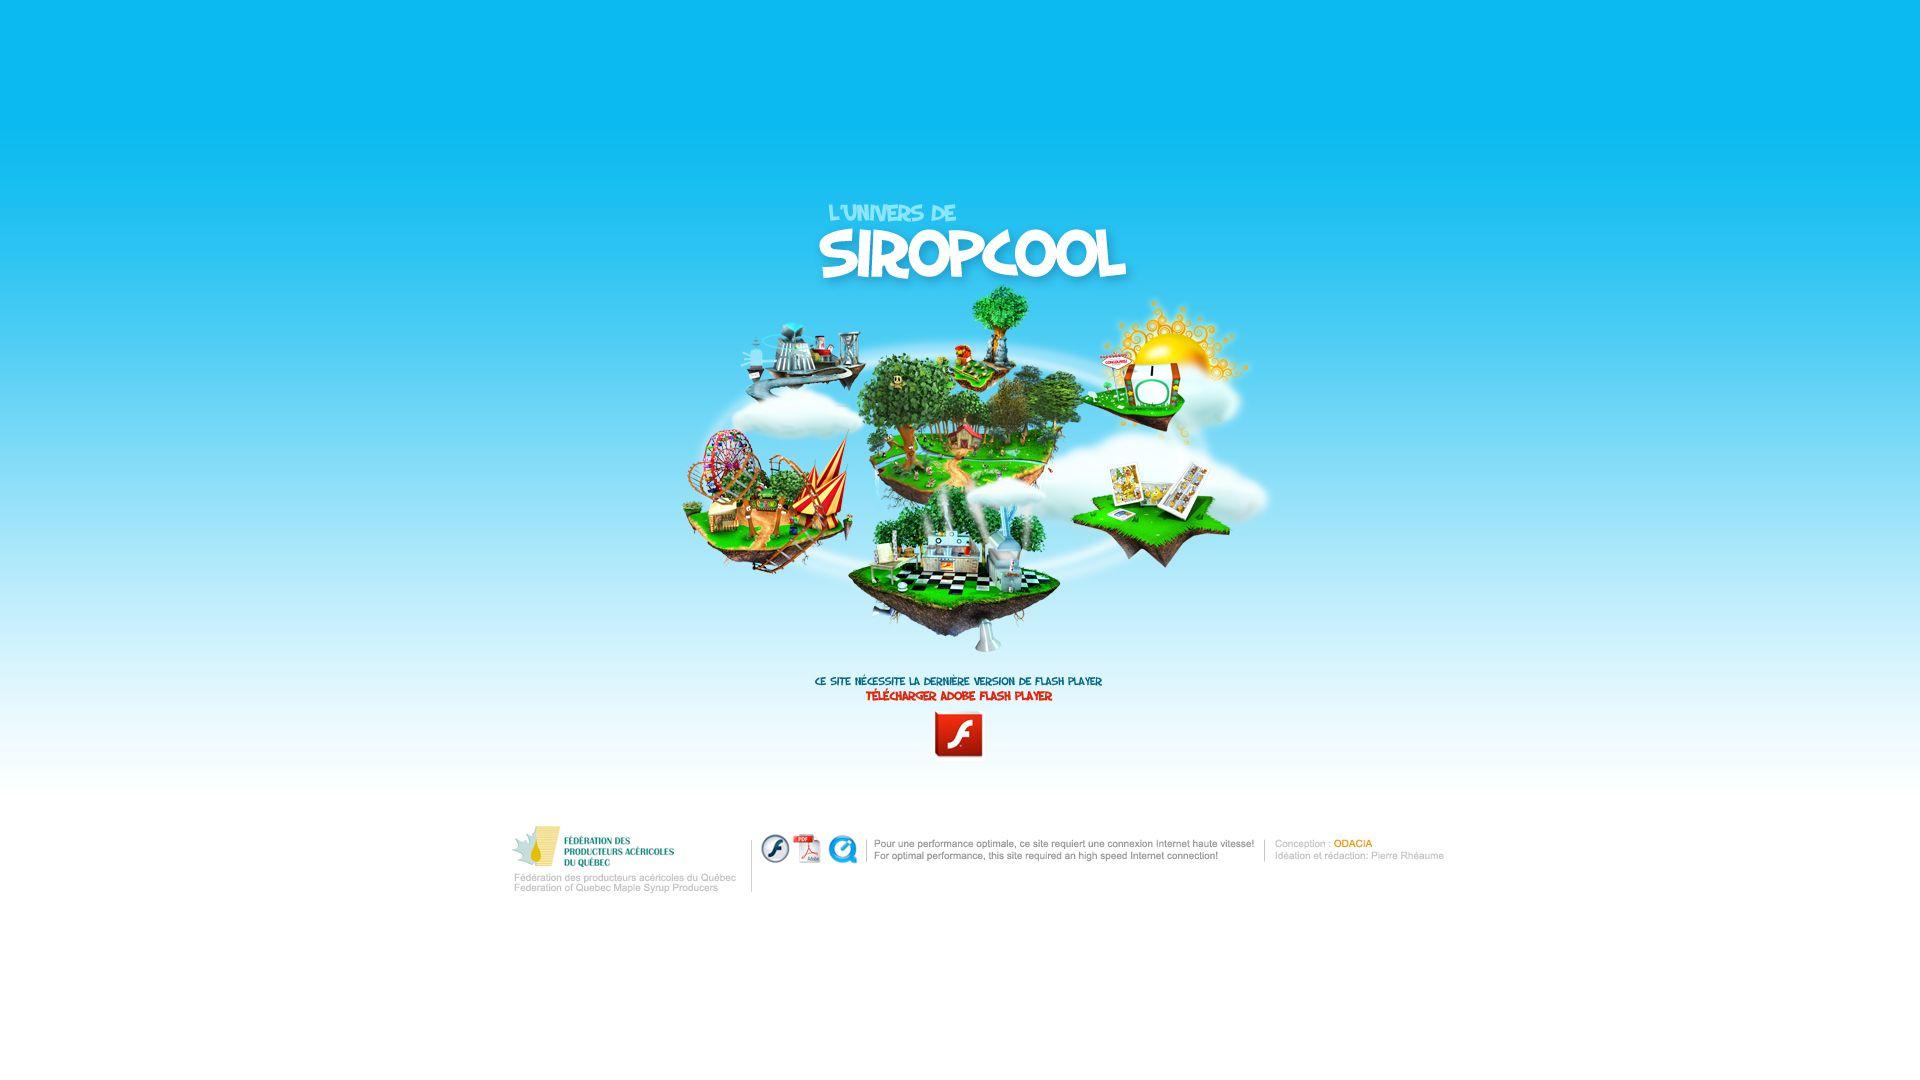 Site Pour Enfants Et Enseignants Sur Le Sirop D'érable tout Jeux Flash Enfant